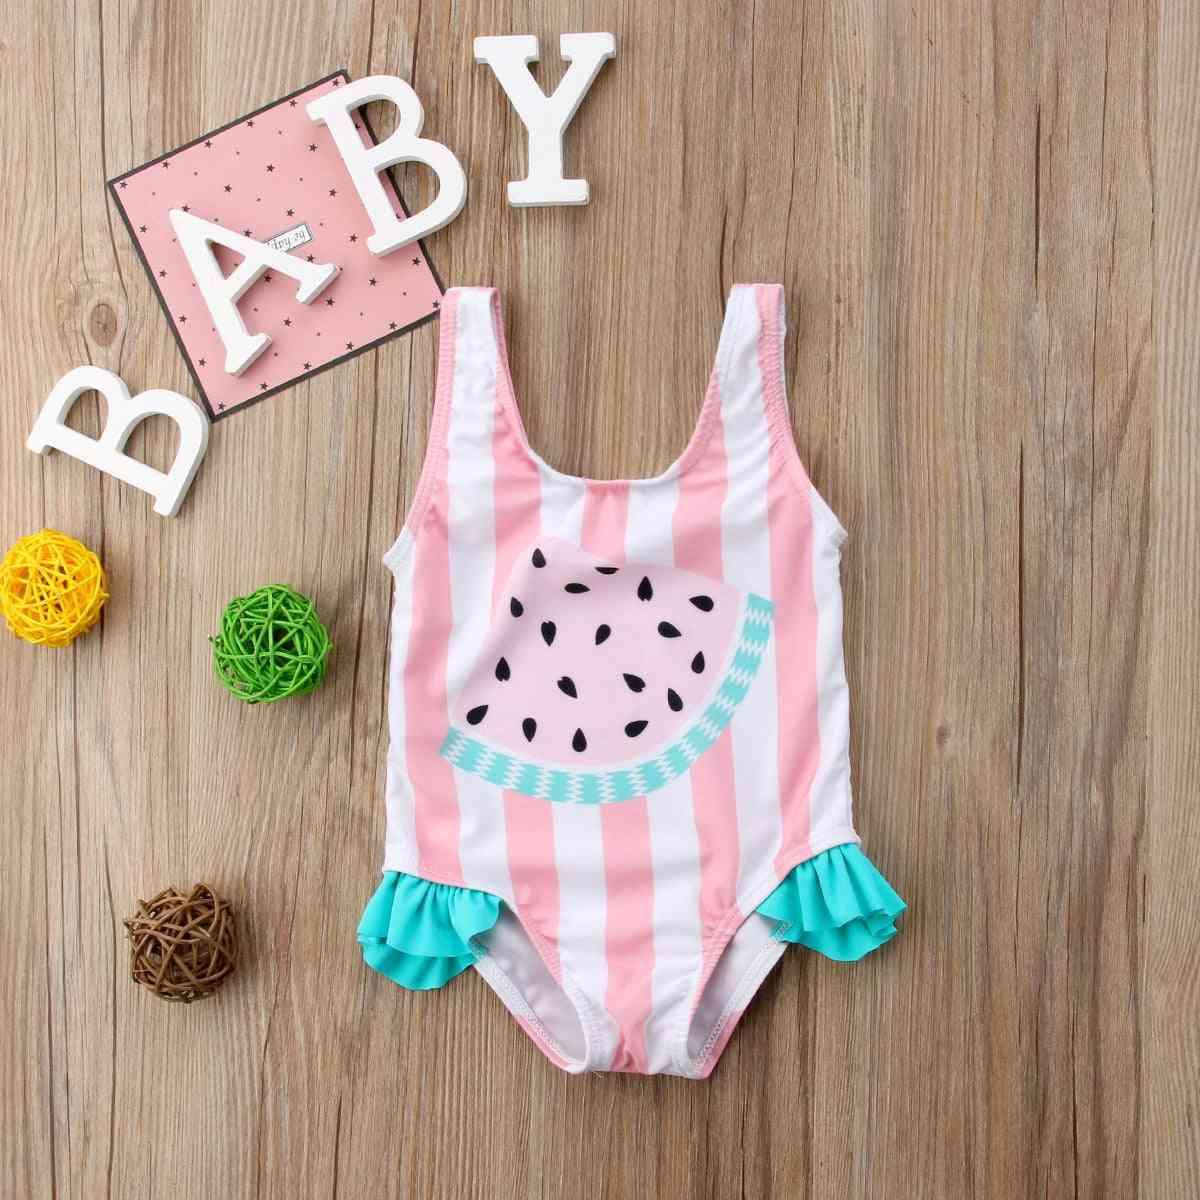 Newborn Baby Girl Swimwear, Watermelon Striped Swimsuit Swimming